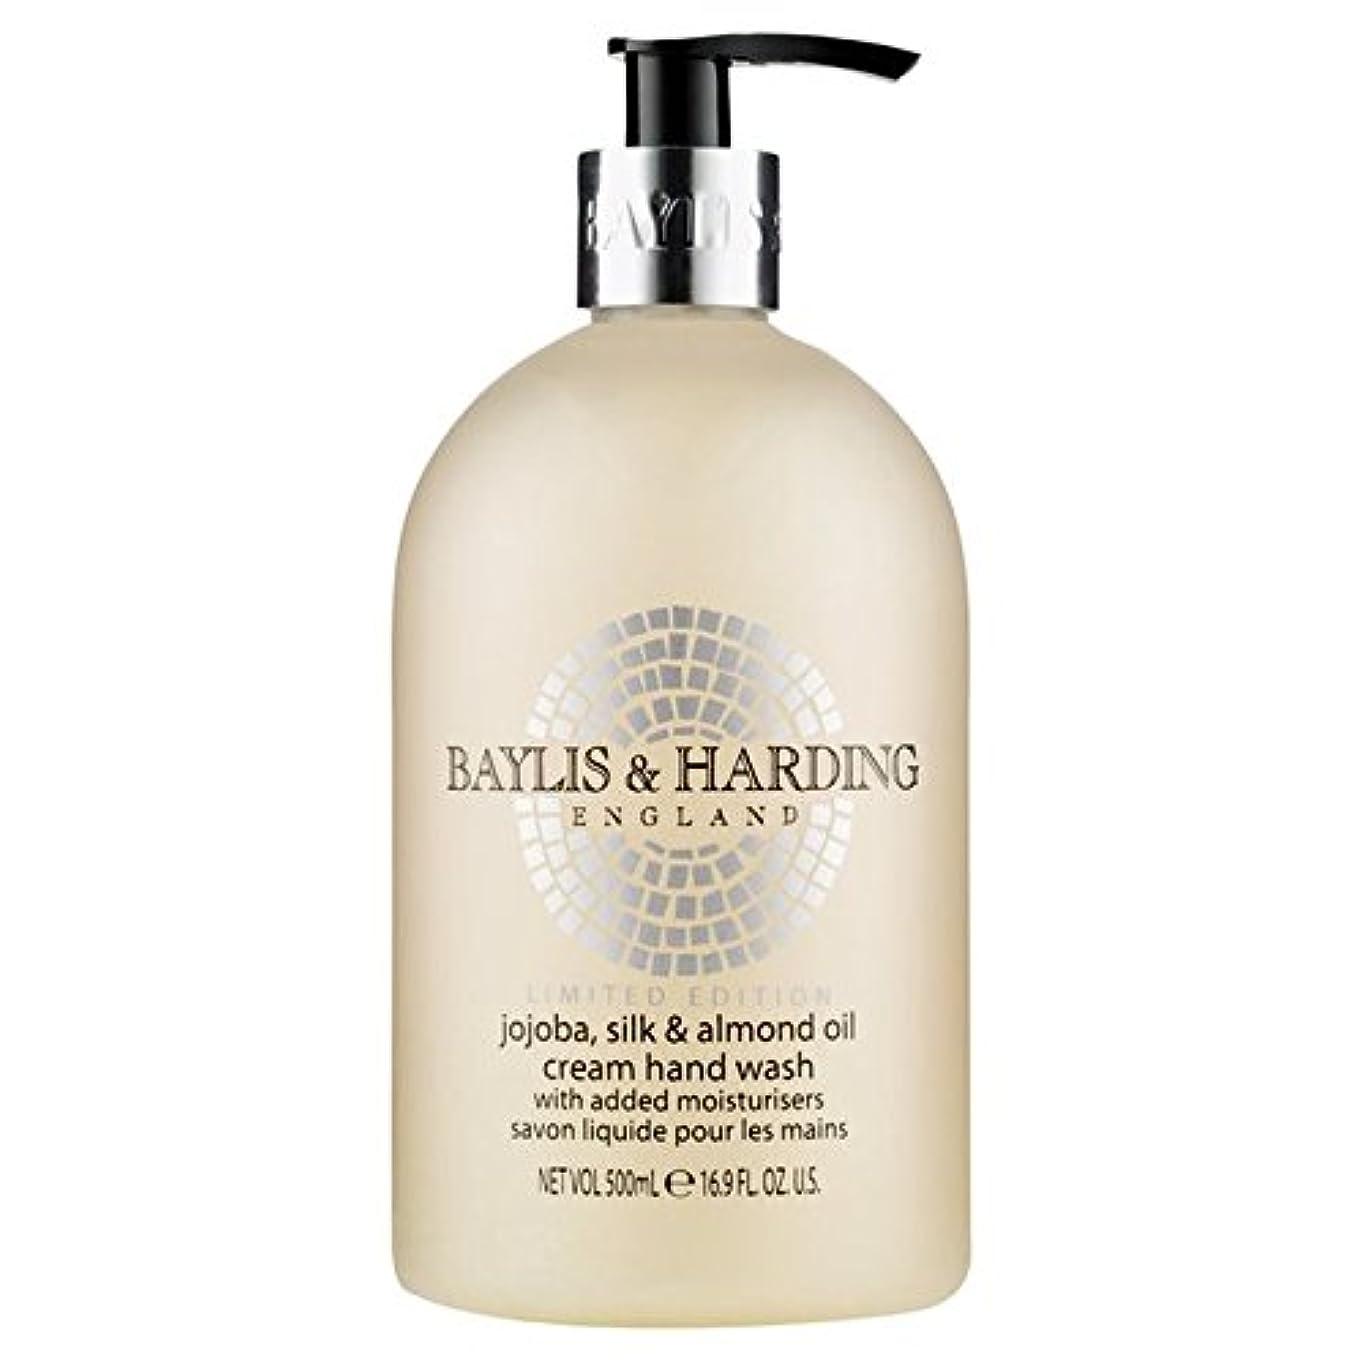 入手します道路記者Baylis & Harding Jojoba, Silk & Almond Oil Hand Wash 500ml (Pack of 6) - ベイリス&ハーディングホホバ、シルク&アーモンドオイルハンドウォッシュ500...